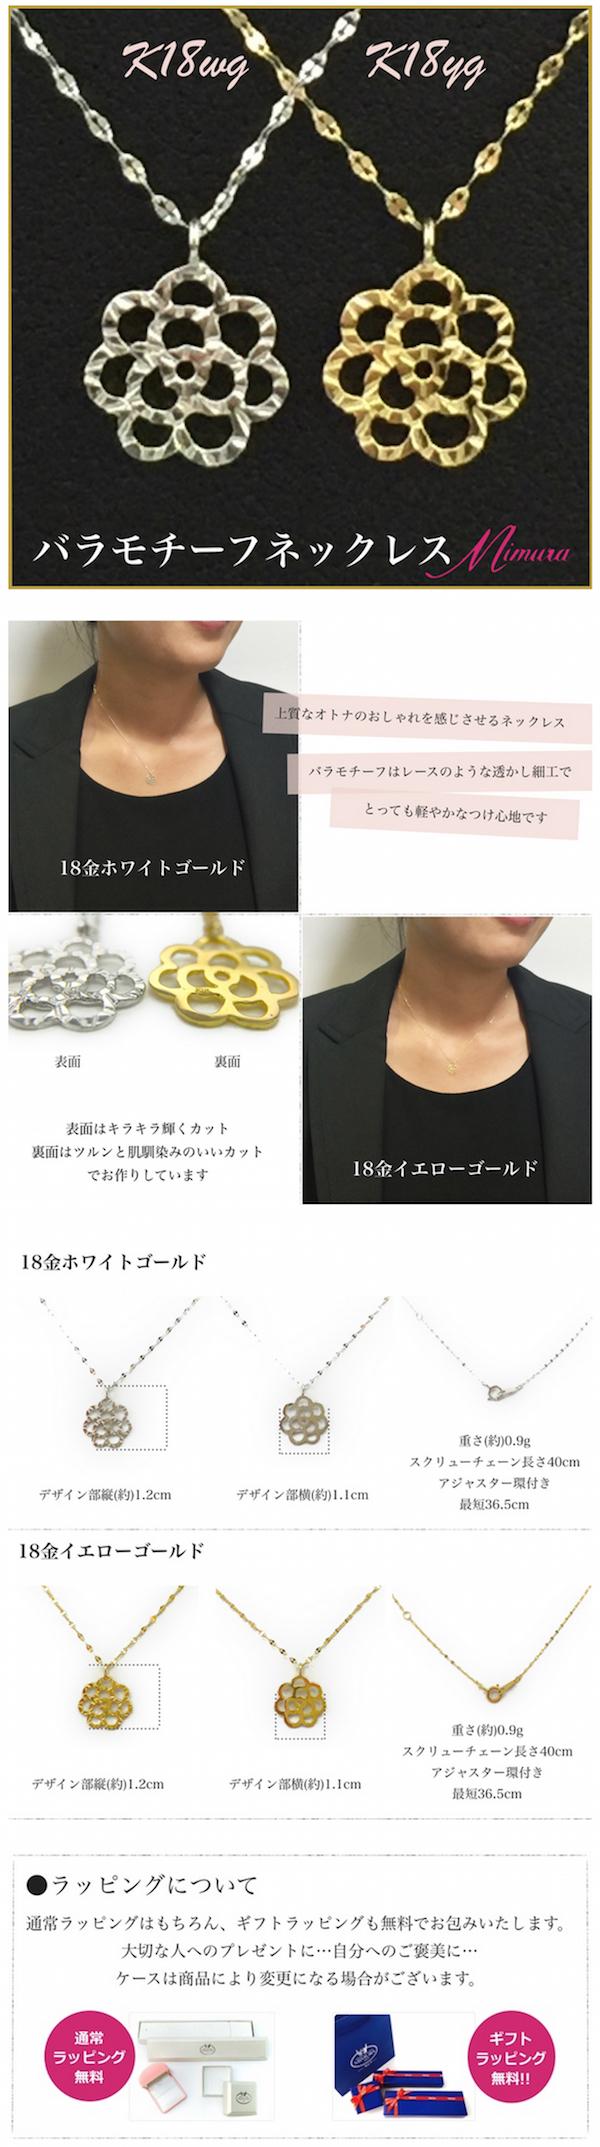 バラモチーフ地金ネックレス